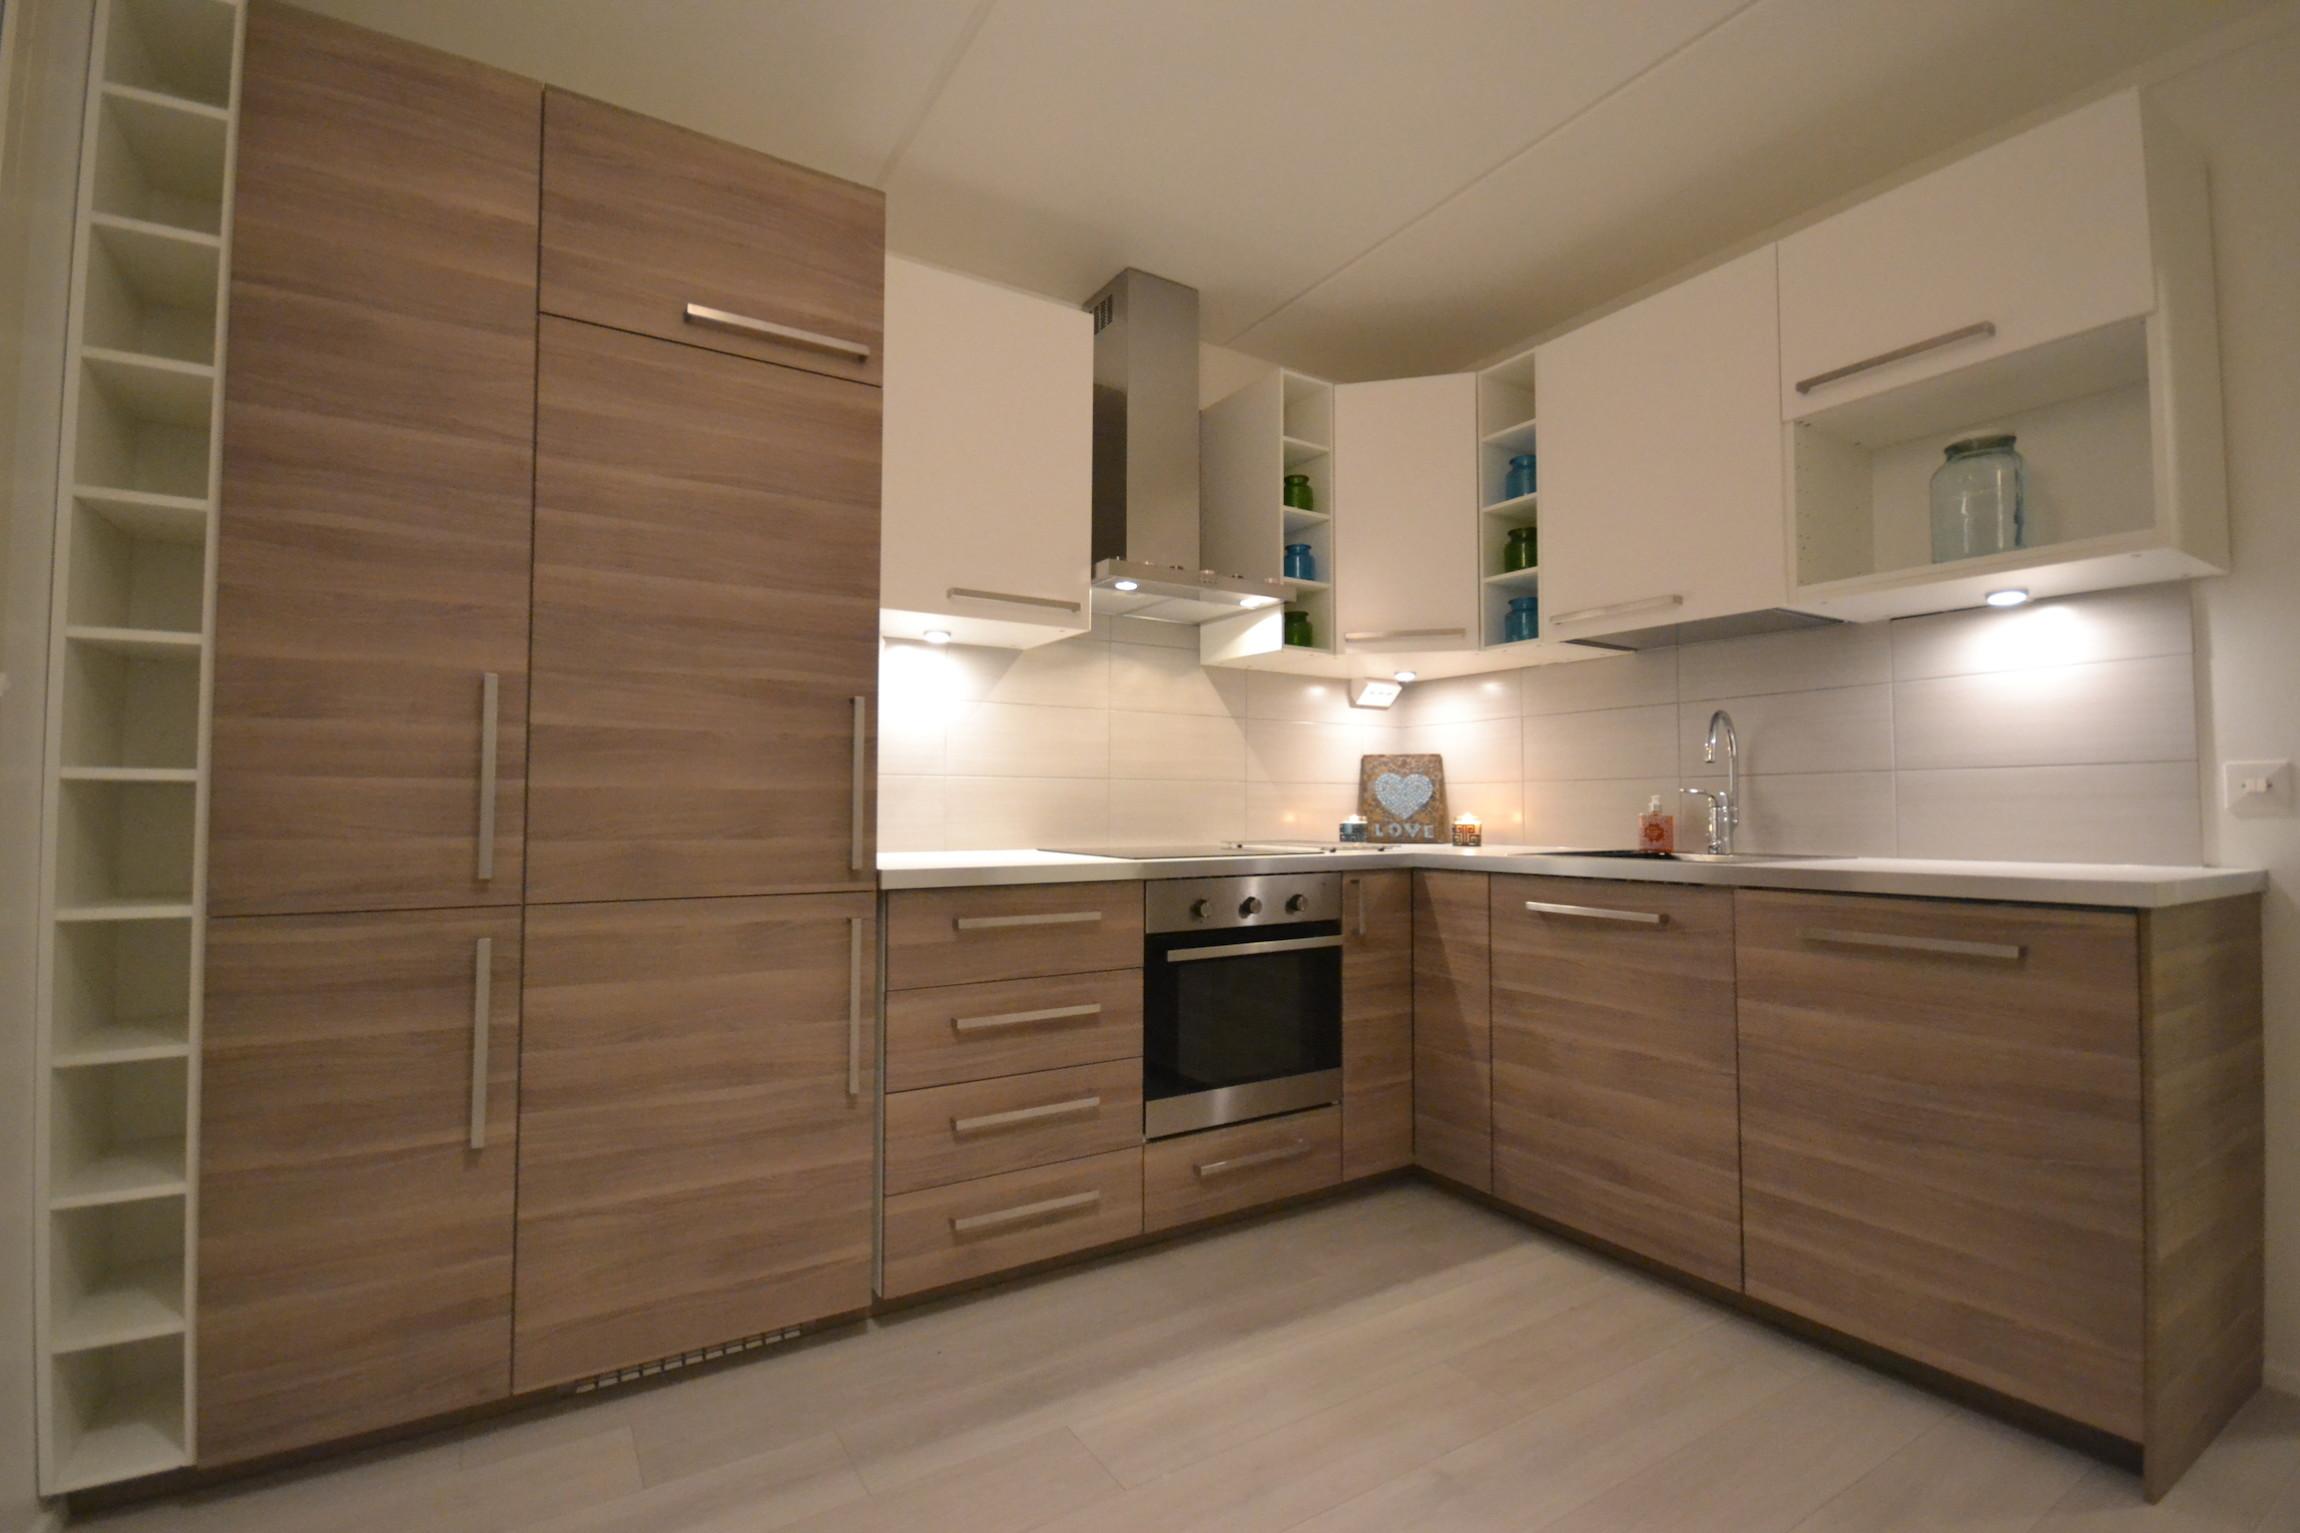 Muroleenkadun kaksion keittiö on nyt valmis – Koti Valkonen Oy